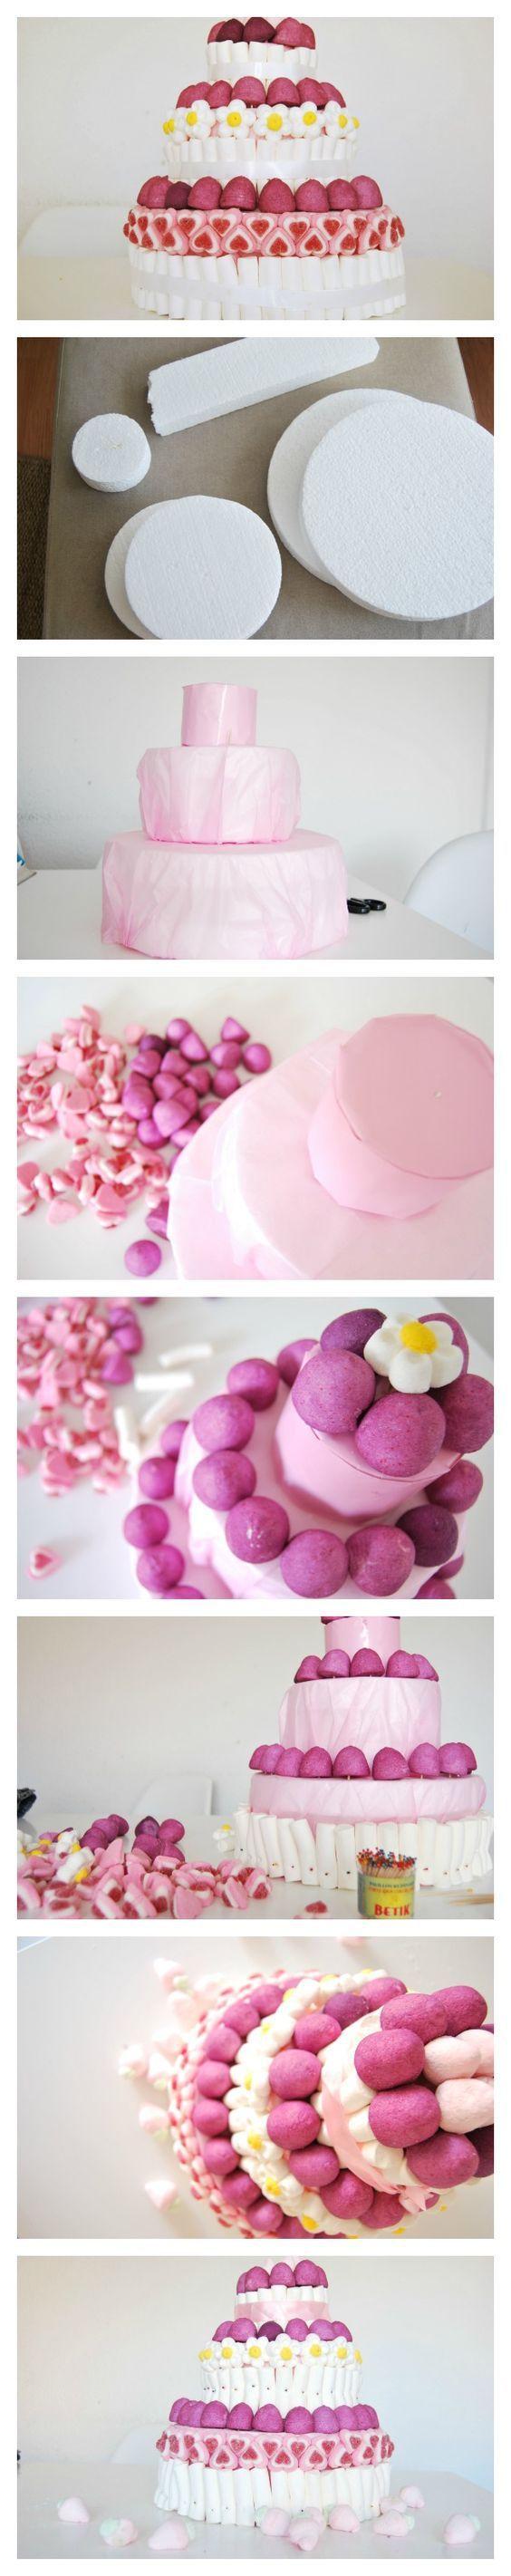 armado de base de torta artificial de golosinas